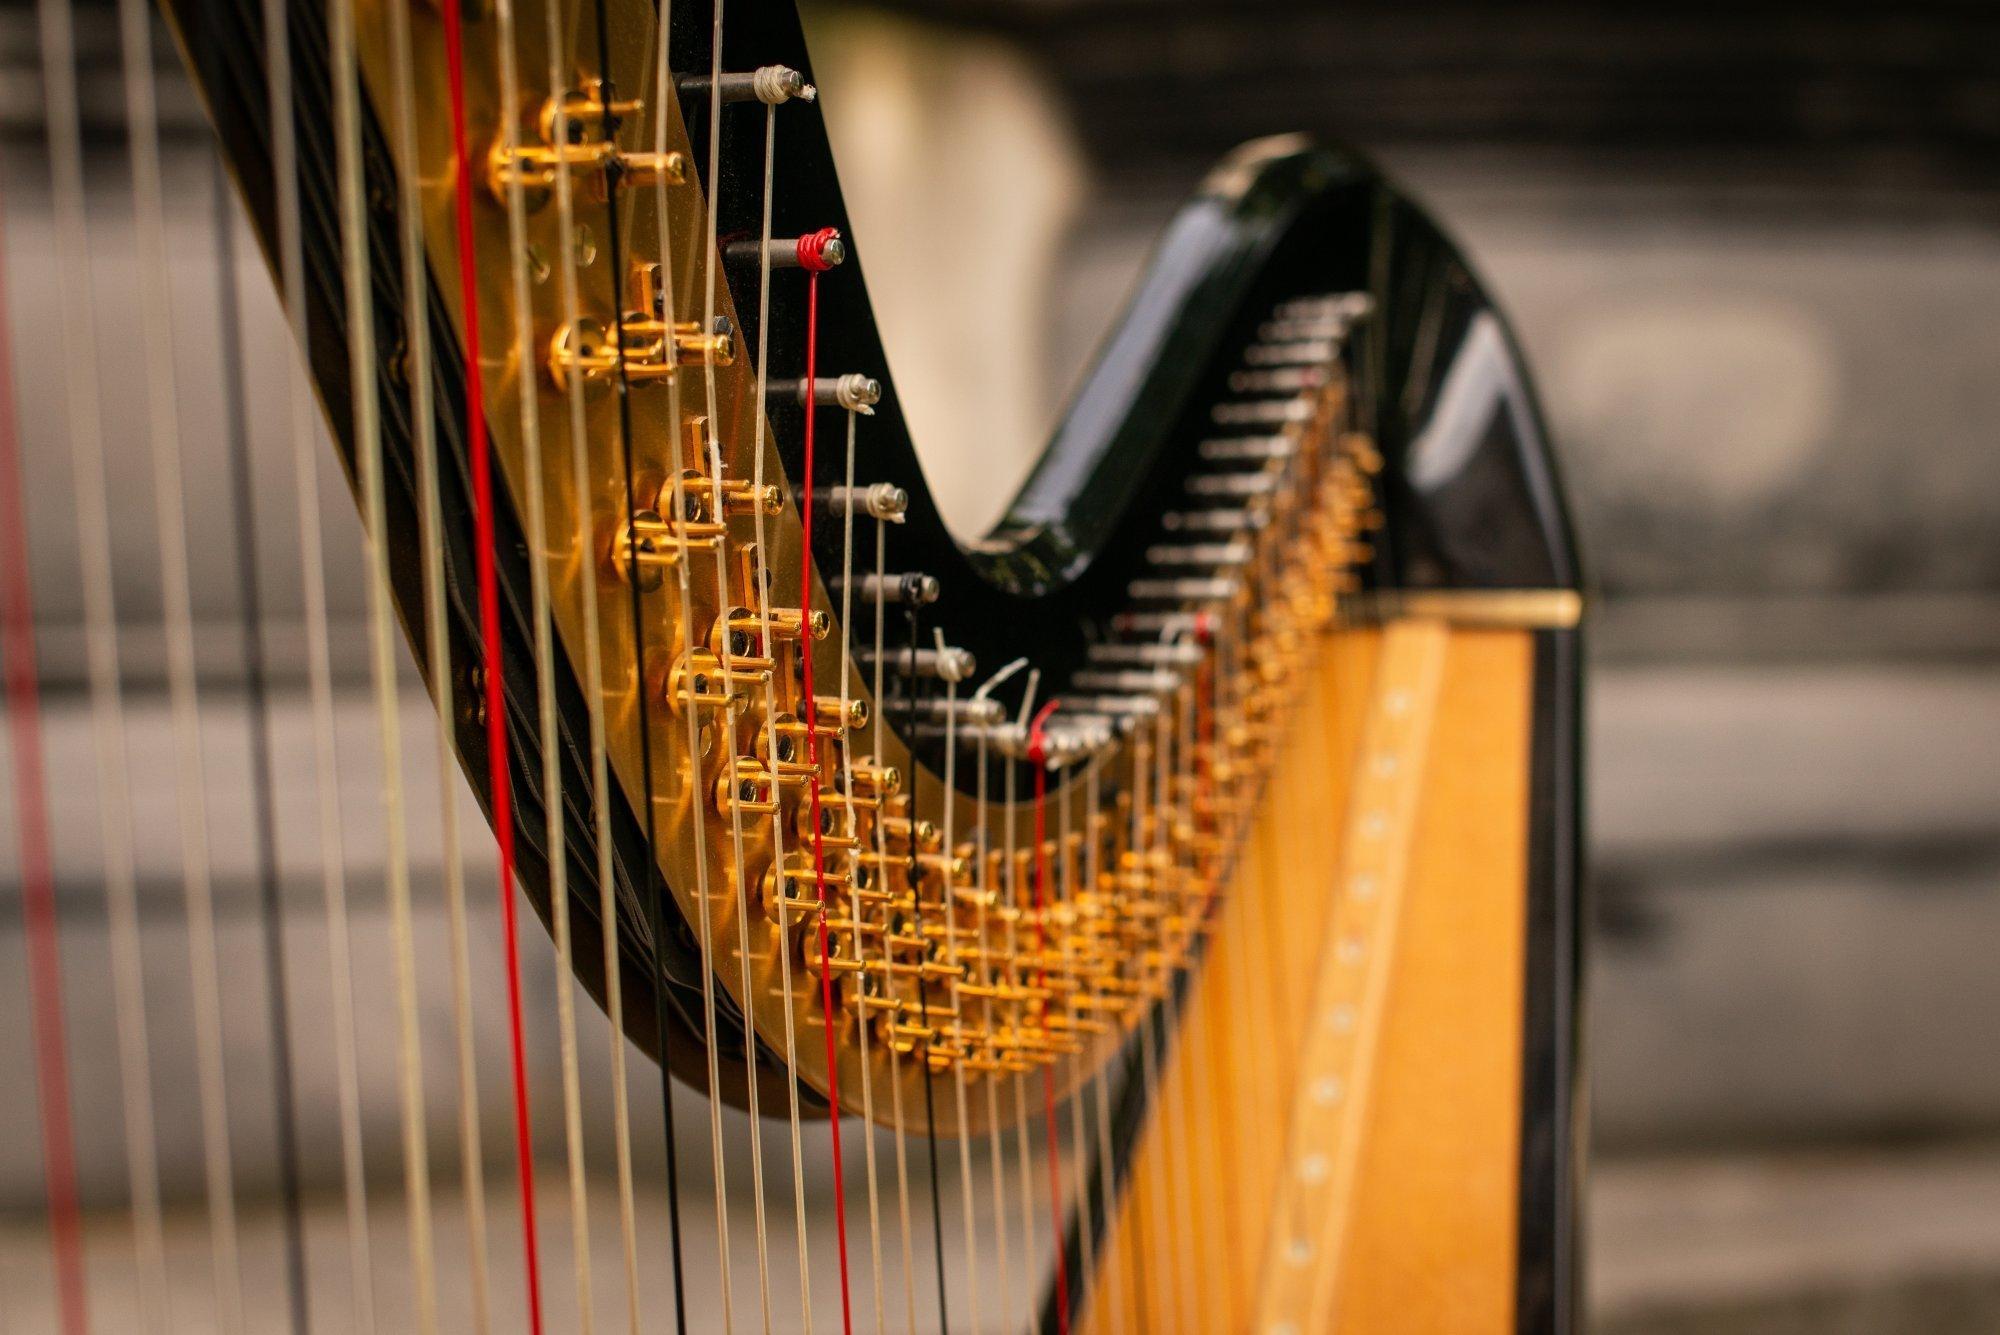 Alex-the-Harpist-17-e1536948323852